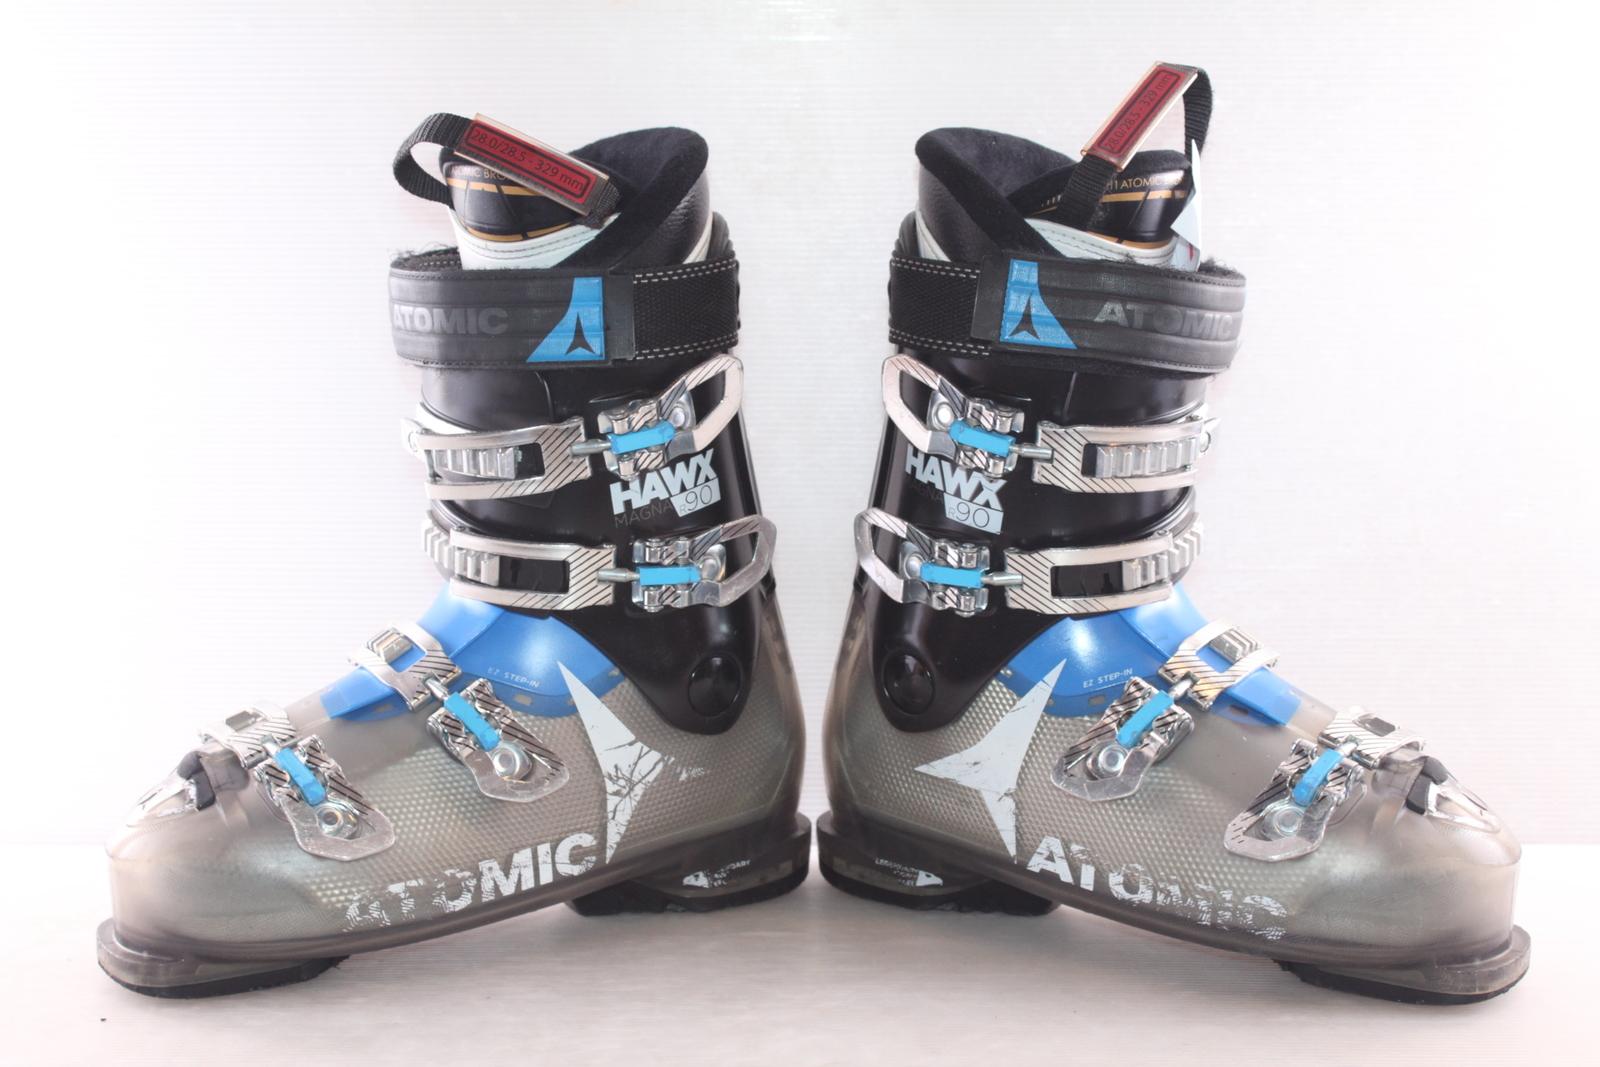 Lyžařské boty Atomic Hawx Magna R90 vel. EU43.5 flexe 90